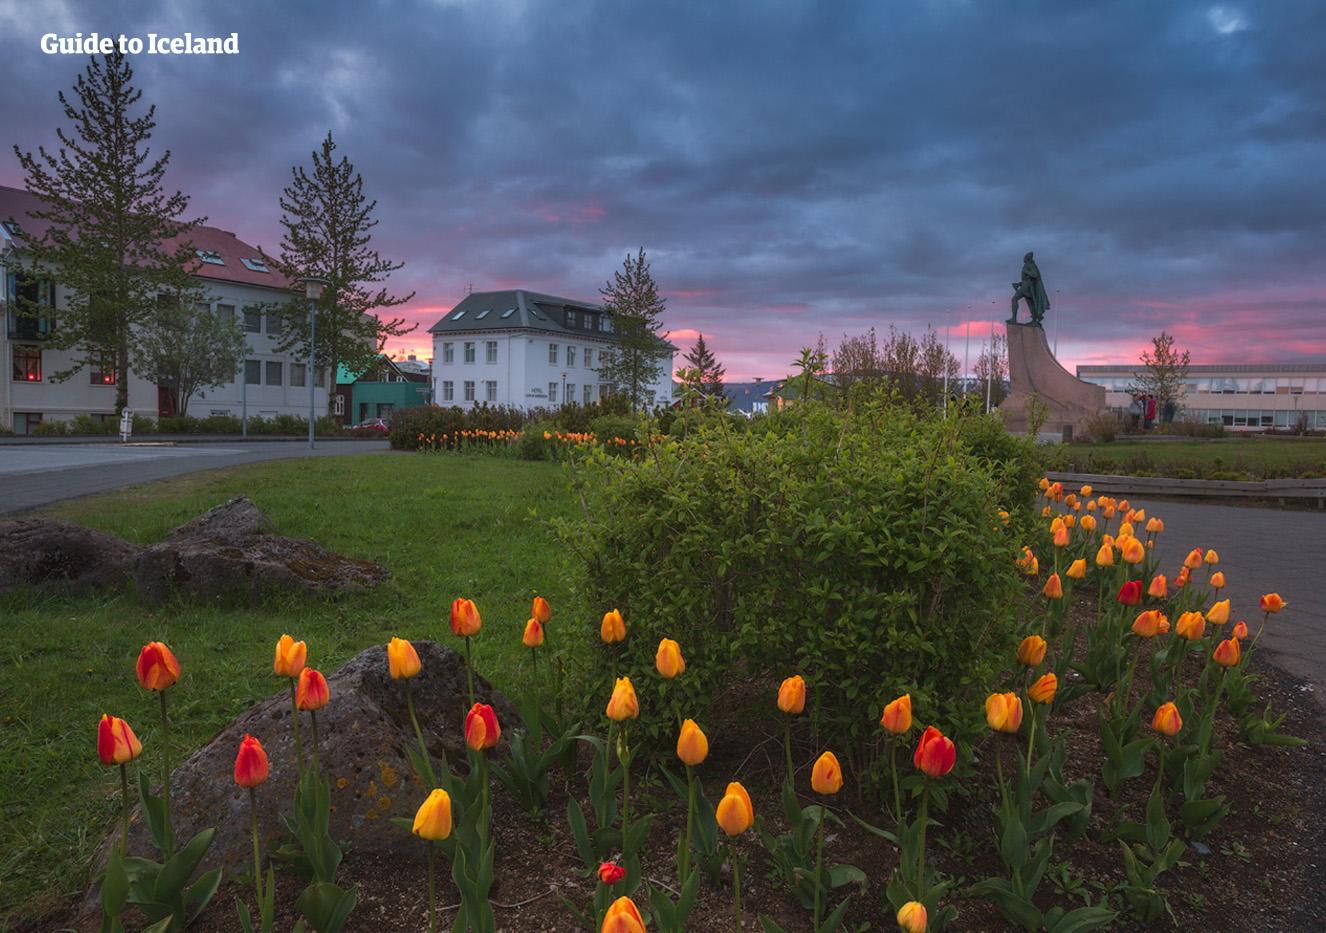 Pełna przygód 7-dniowa, samodzielna wycieczka po Islandii wraz z interiorem - day 7